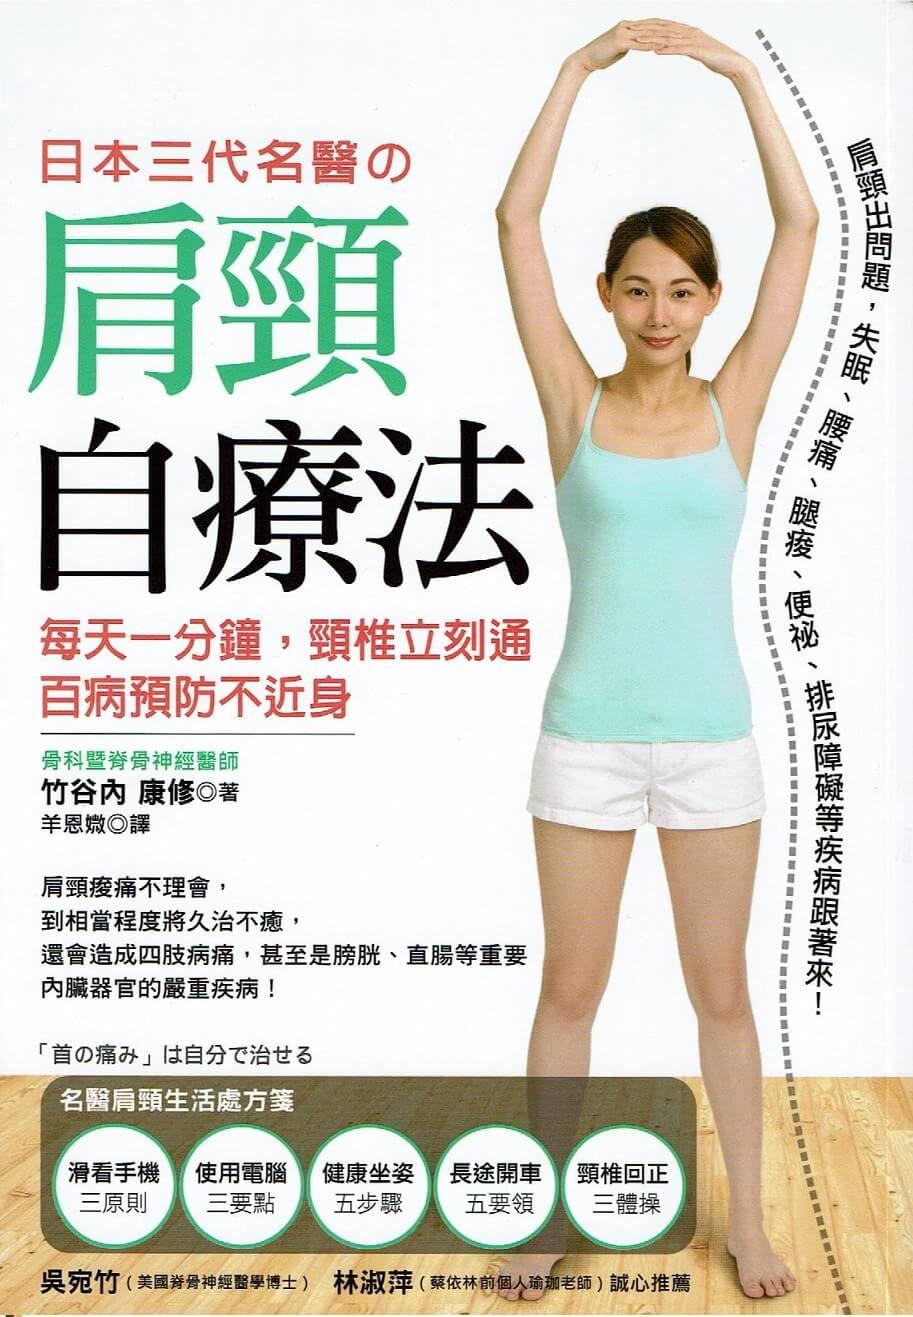 首の痛みは自分で治せる 中国語版